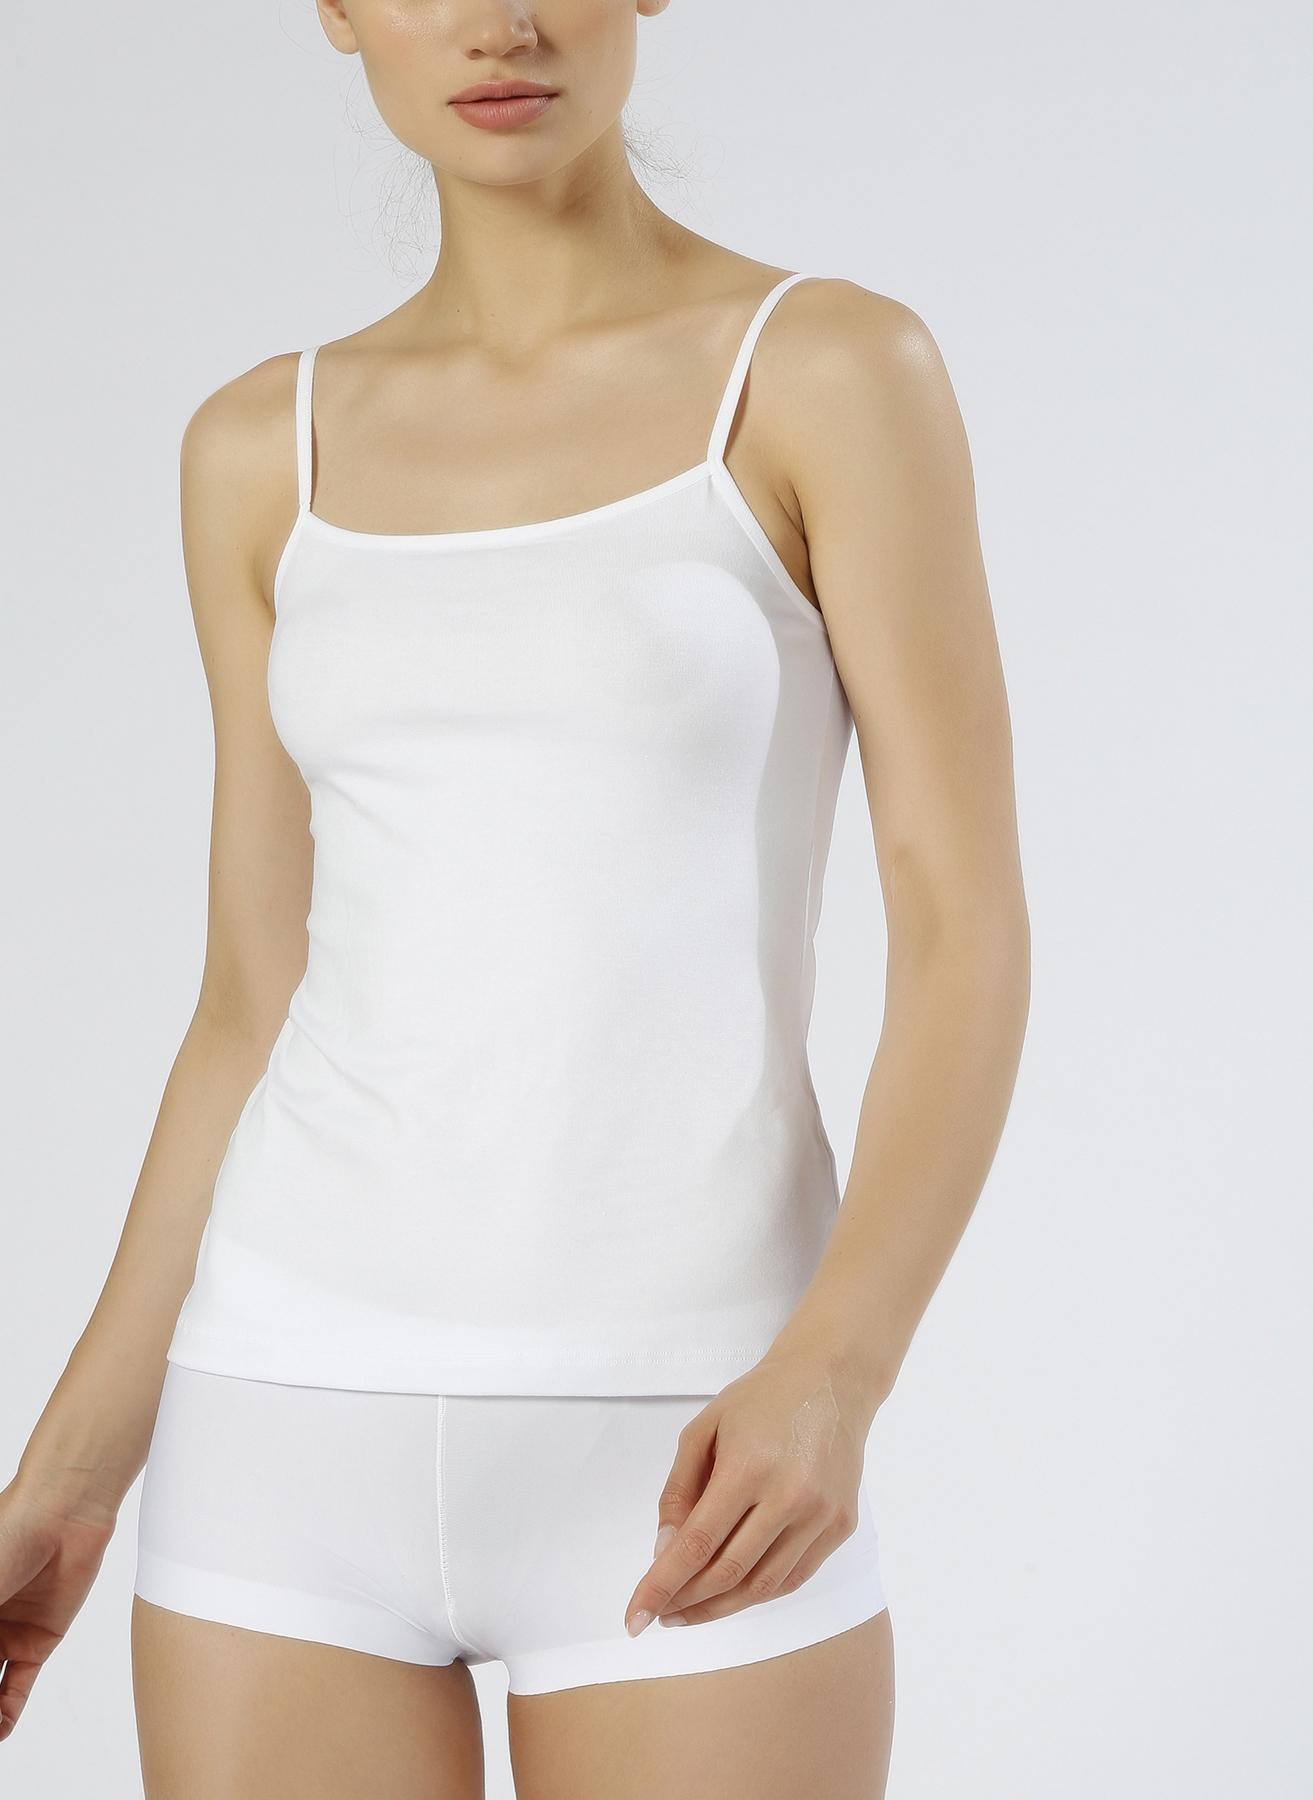 L Renksiz Magic Form Penye İp Askılı Beyaz İç Giyim Atlet 5000001982001 Kadın